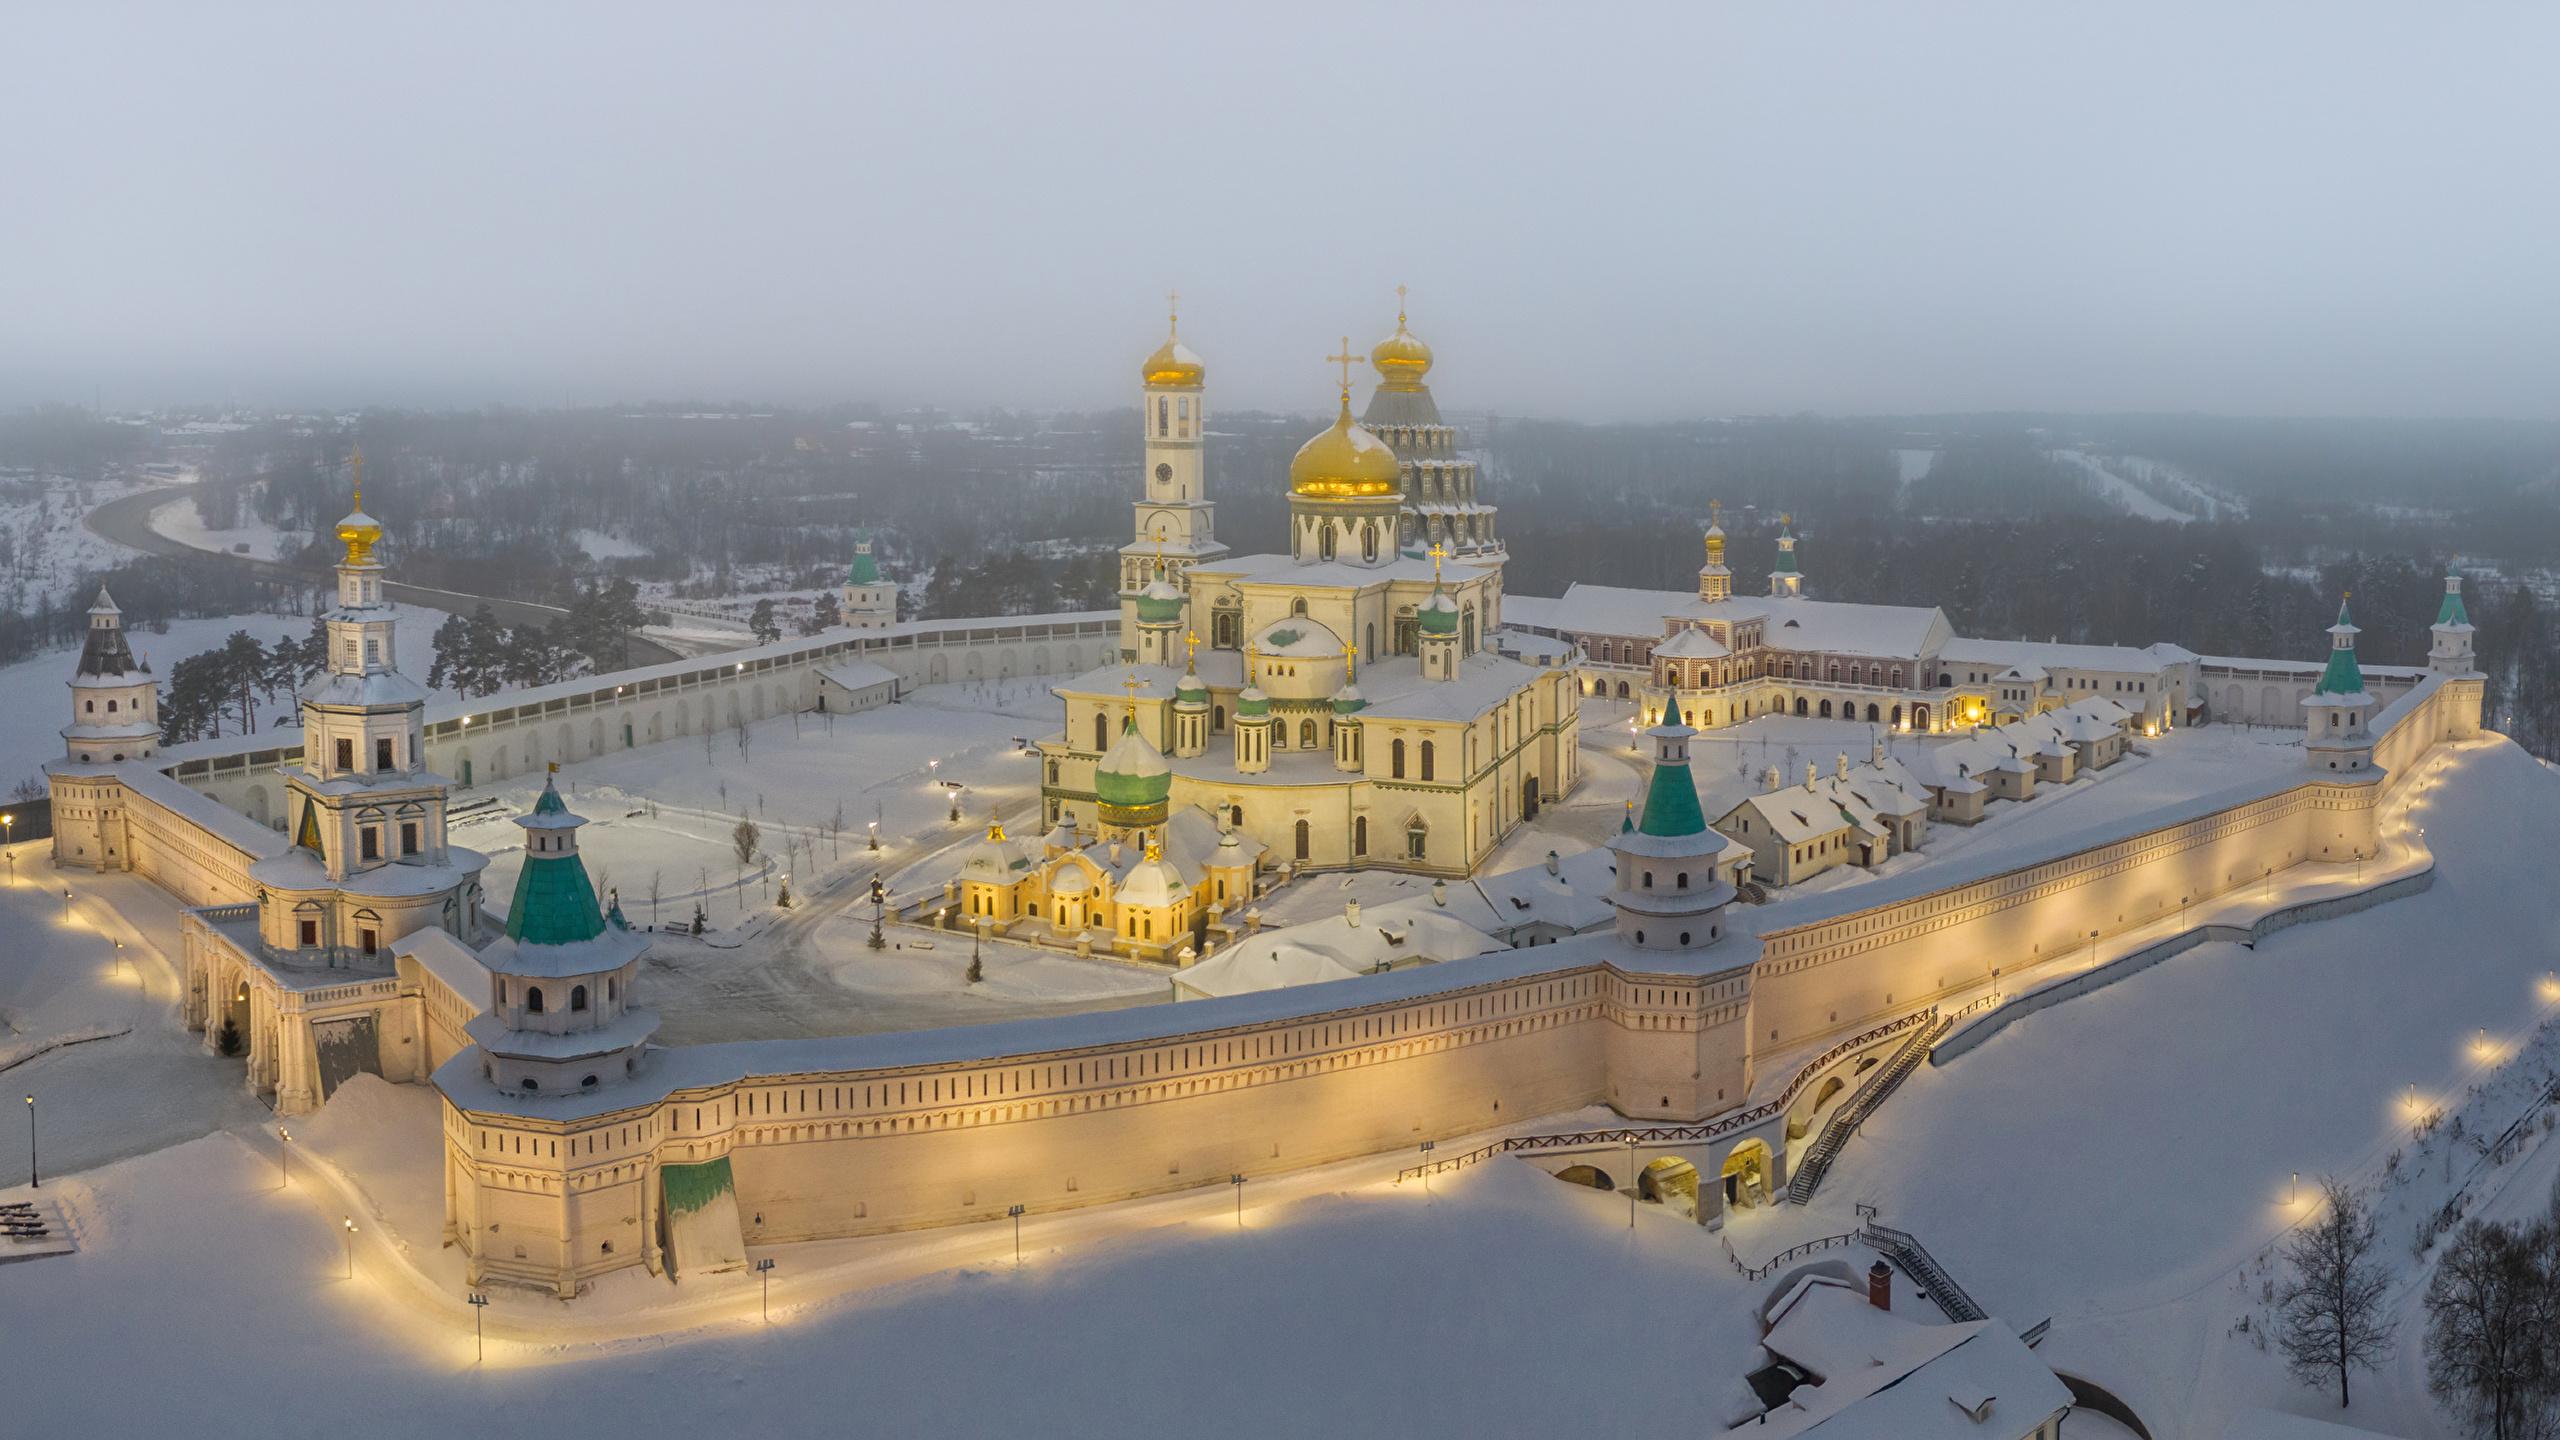 2560x1440 Rússia Moscovo Templo Mosteiro Invierno New Jerusalem Monastery Moscow Region Neve Raios de luz Cidades